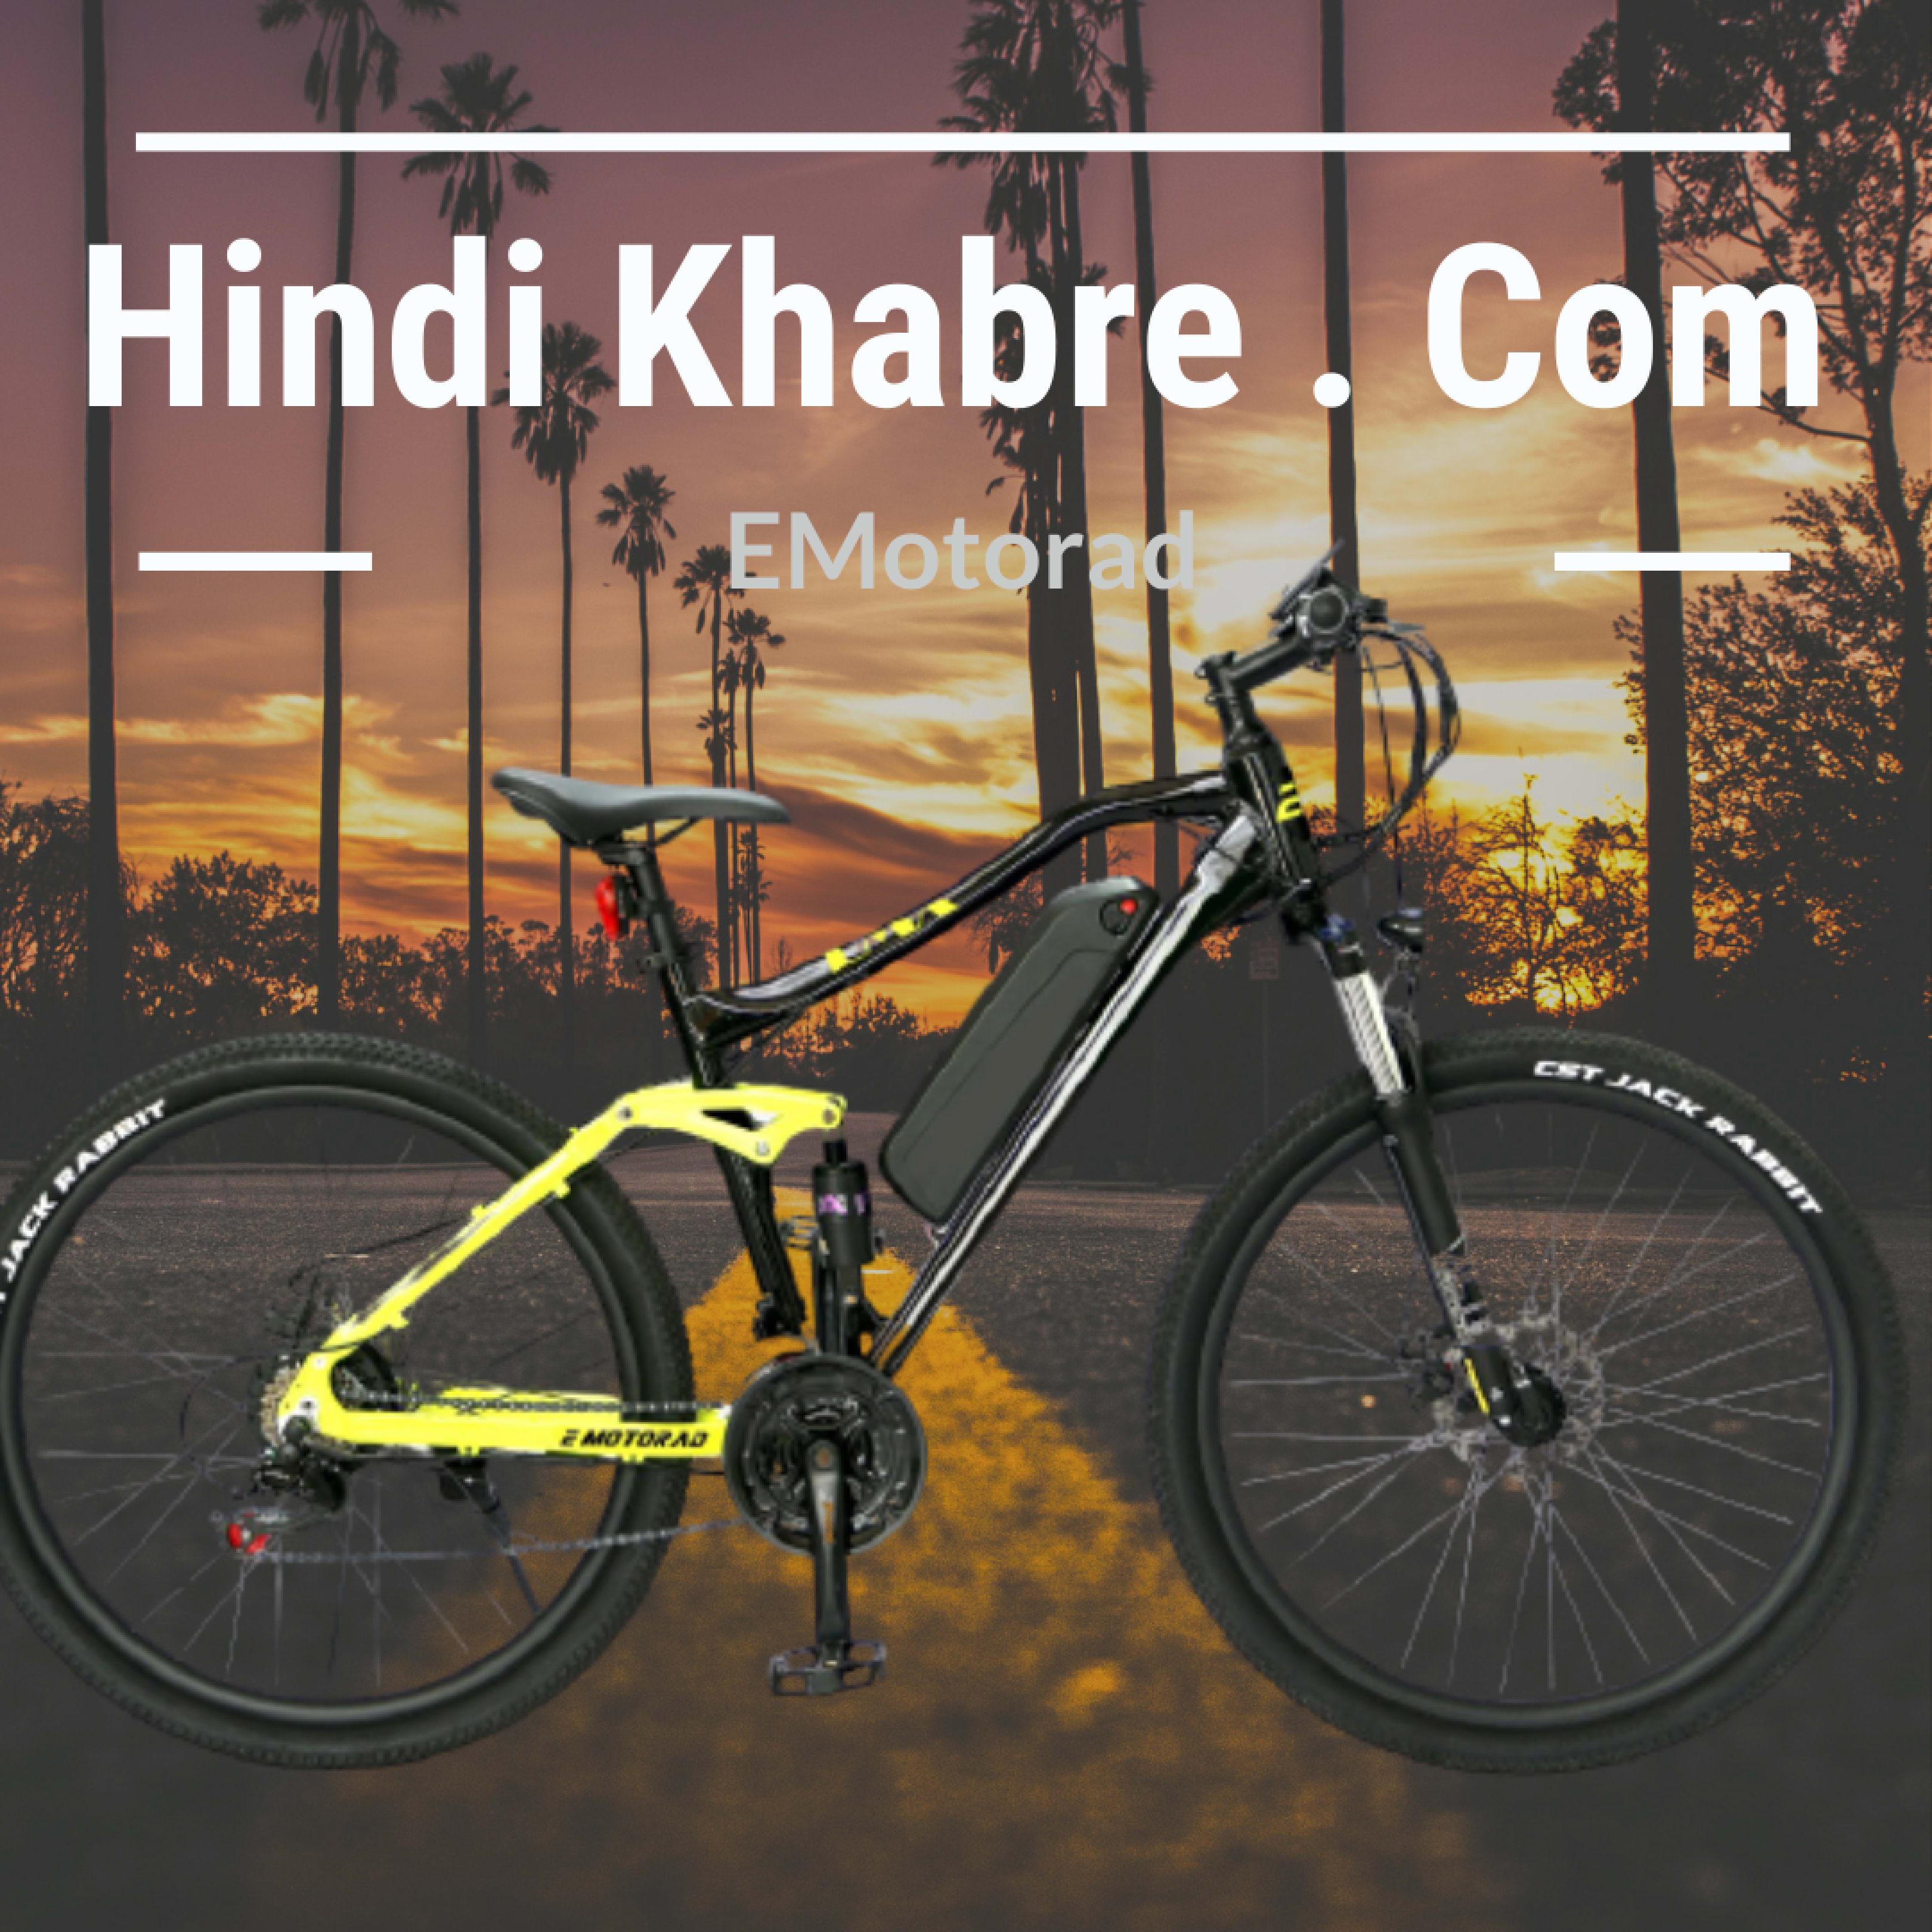 Hindi Khabre.com